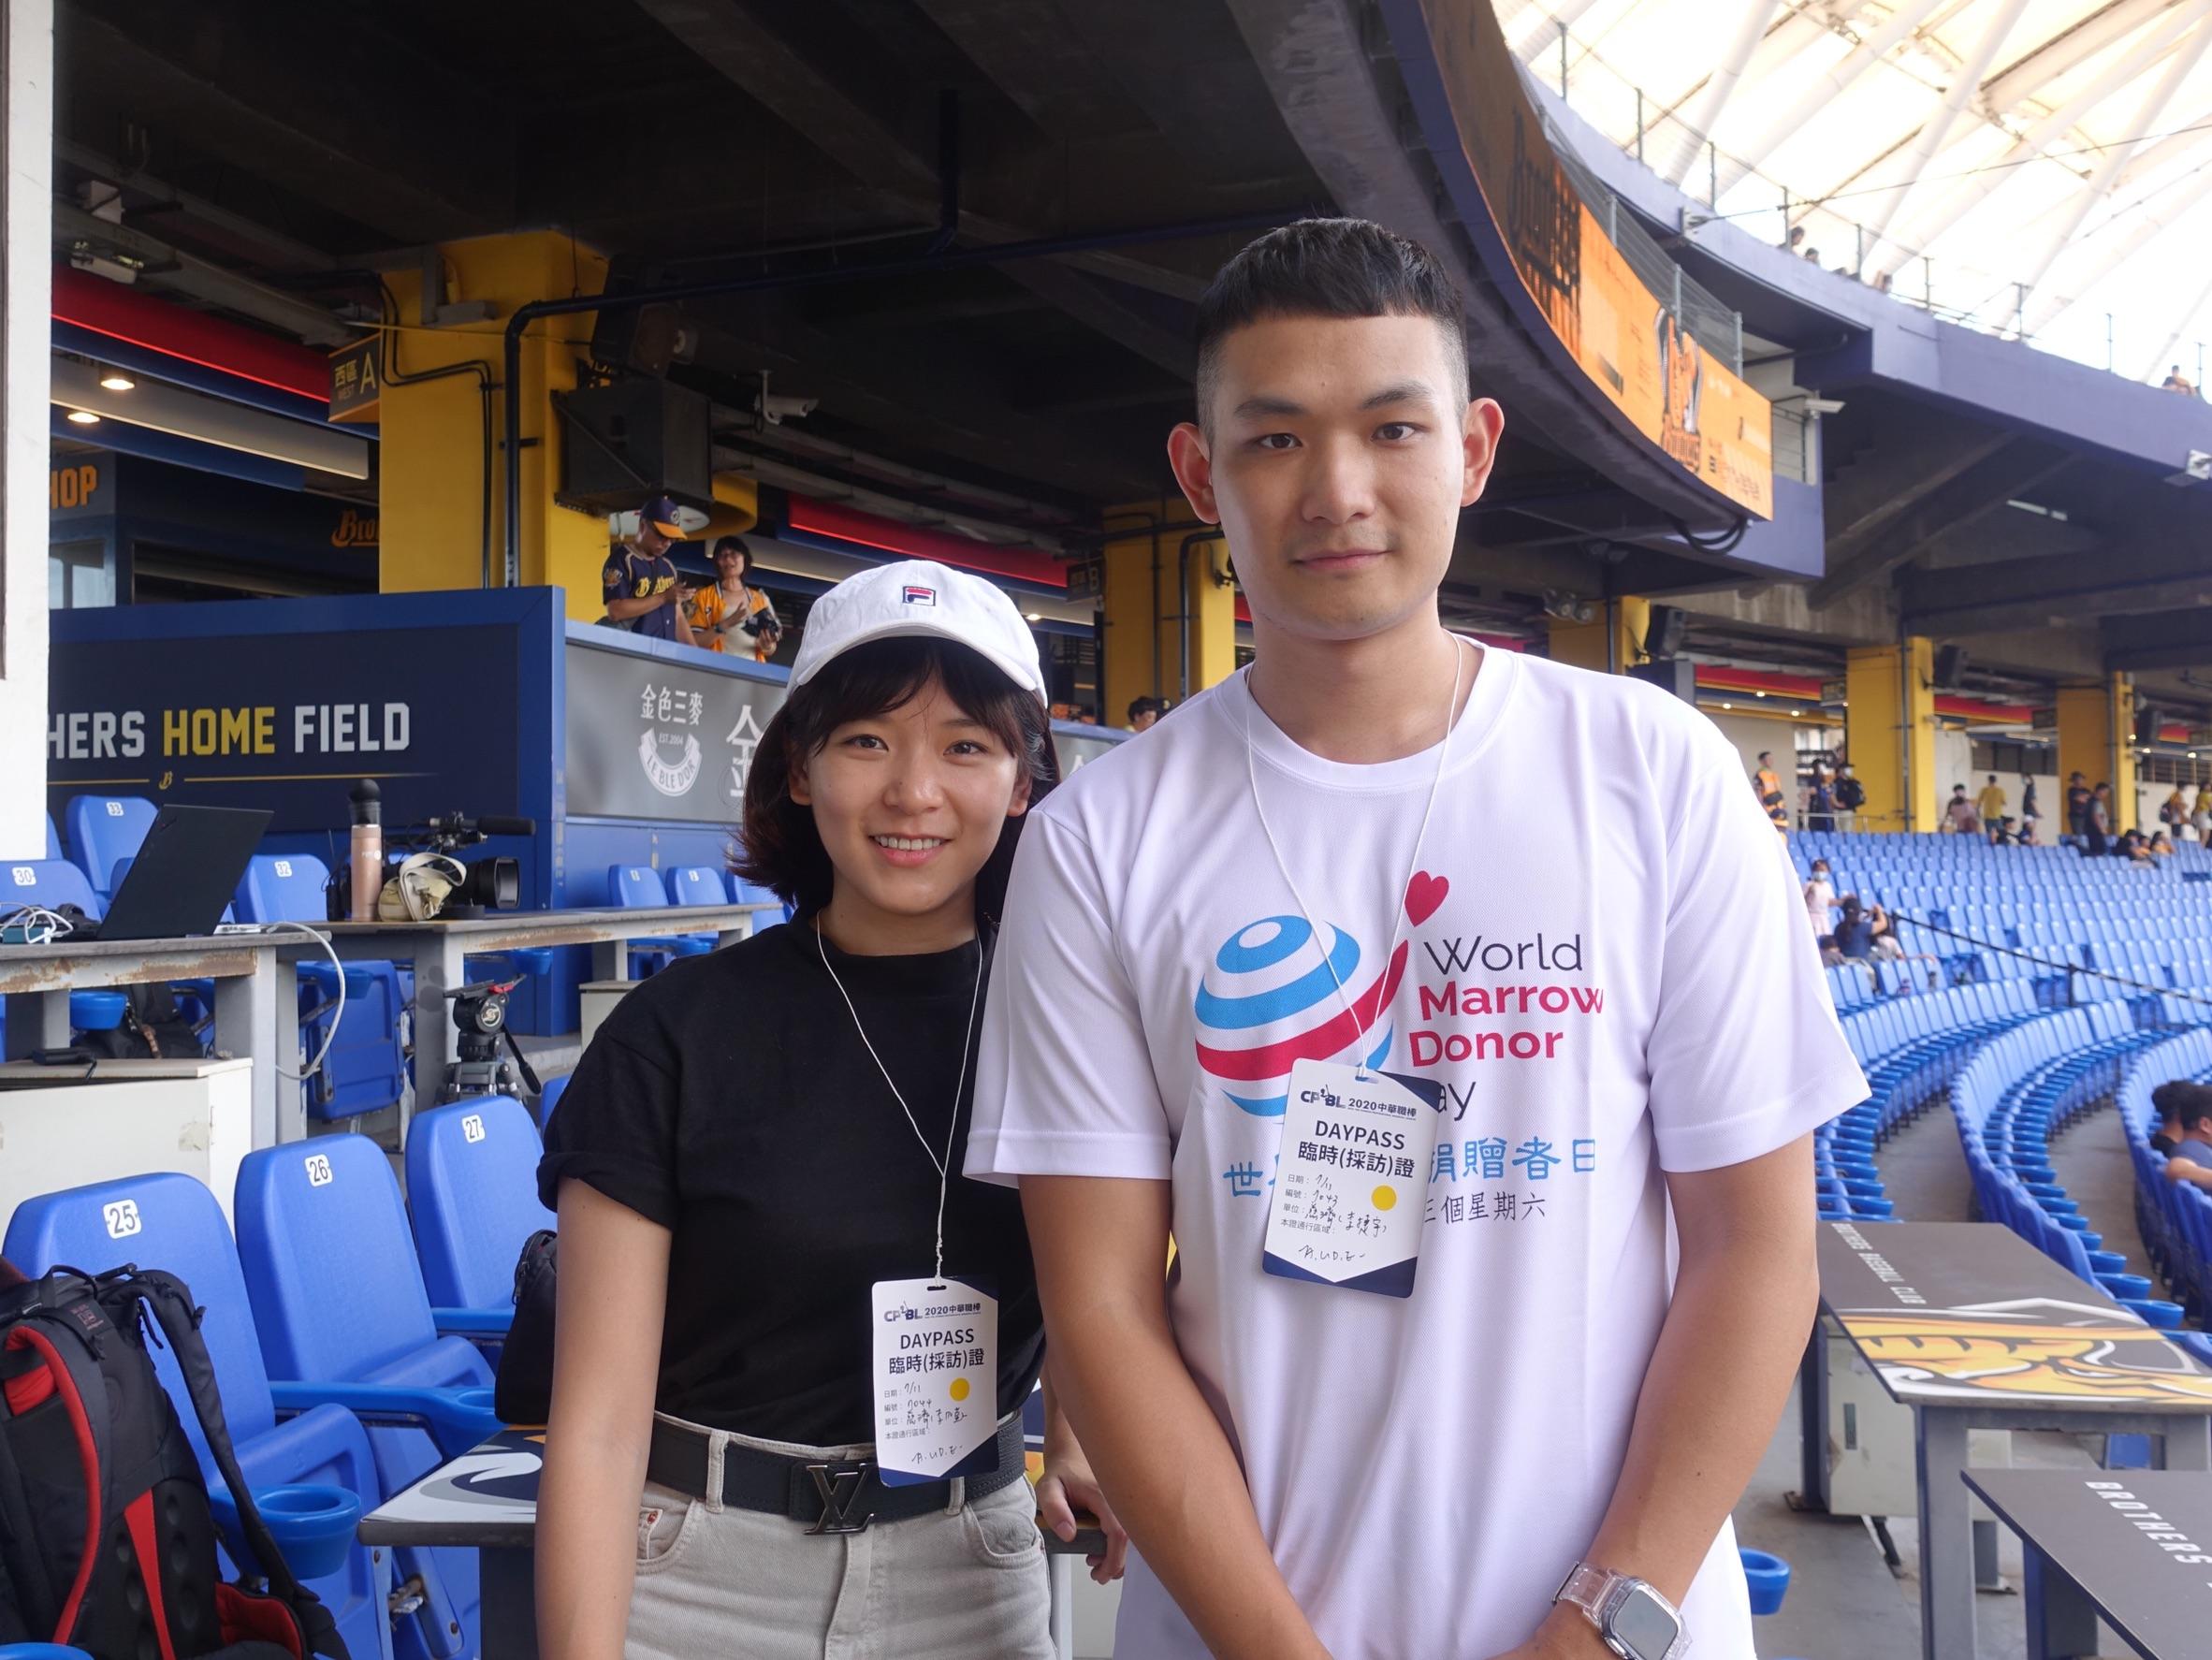 李捷宇(右)與姊姊前來台中洲際棒球場,李捷宇表示之前比較常打籃球,今天也特別連練習開球。